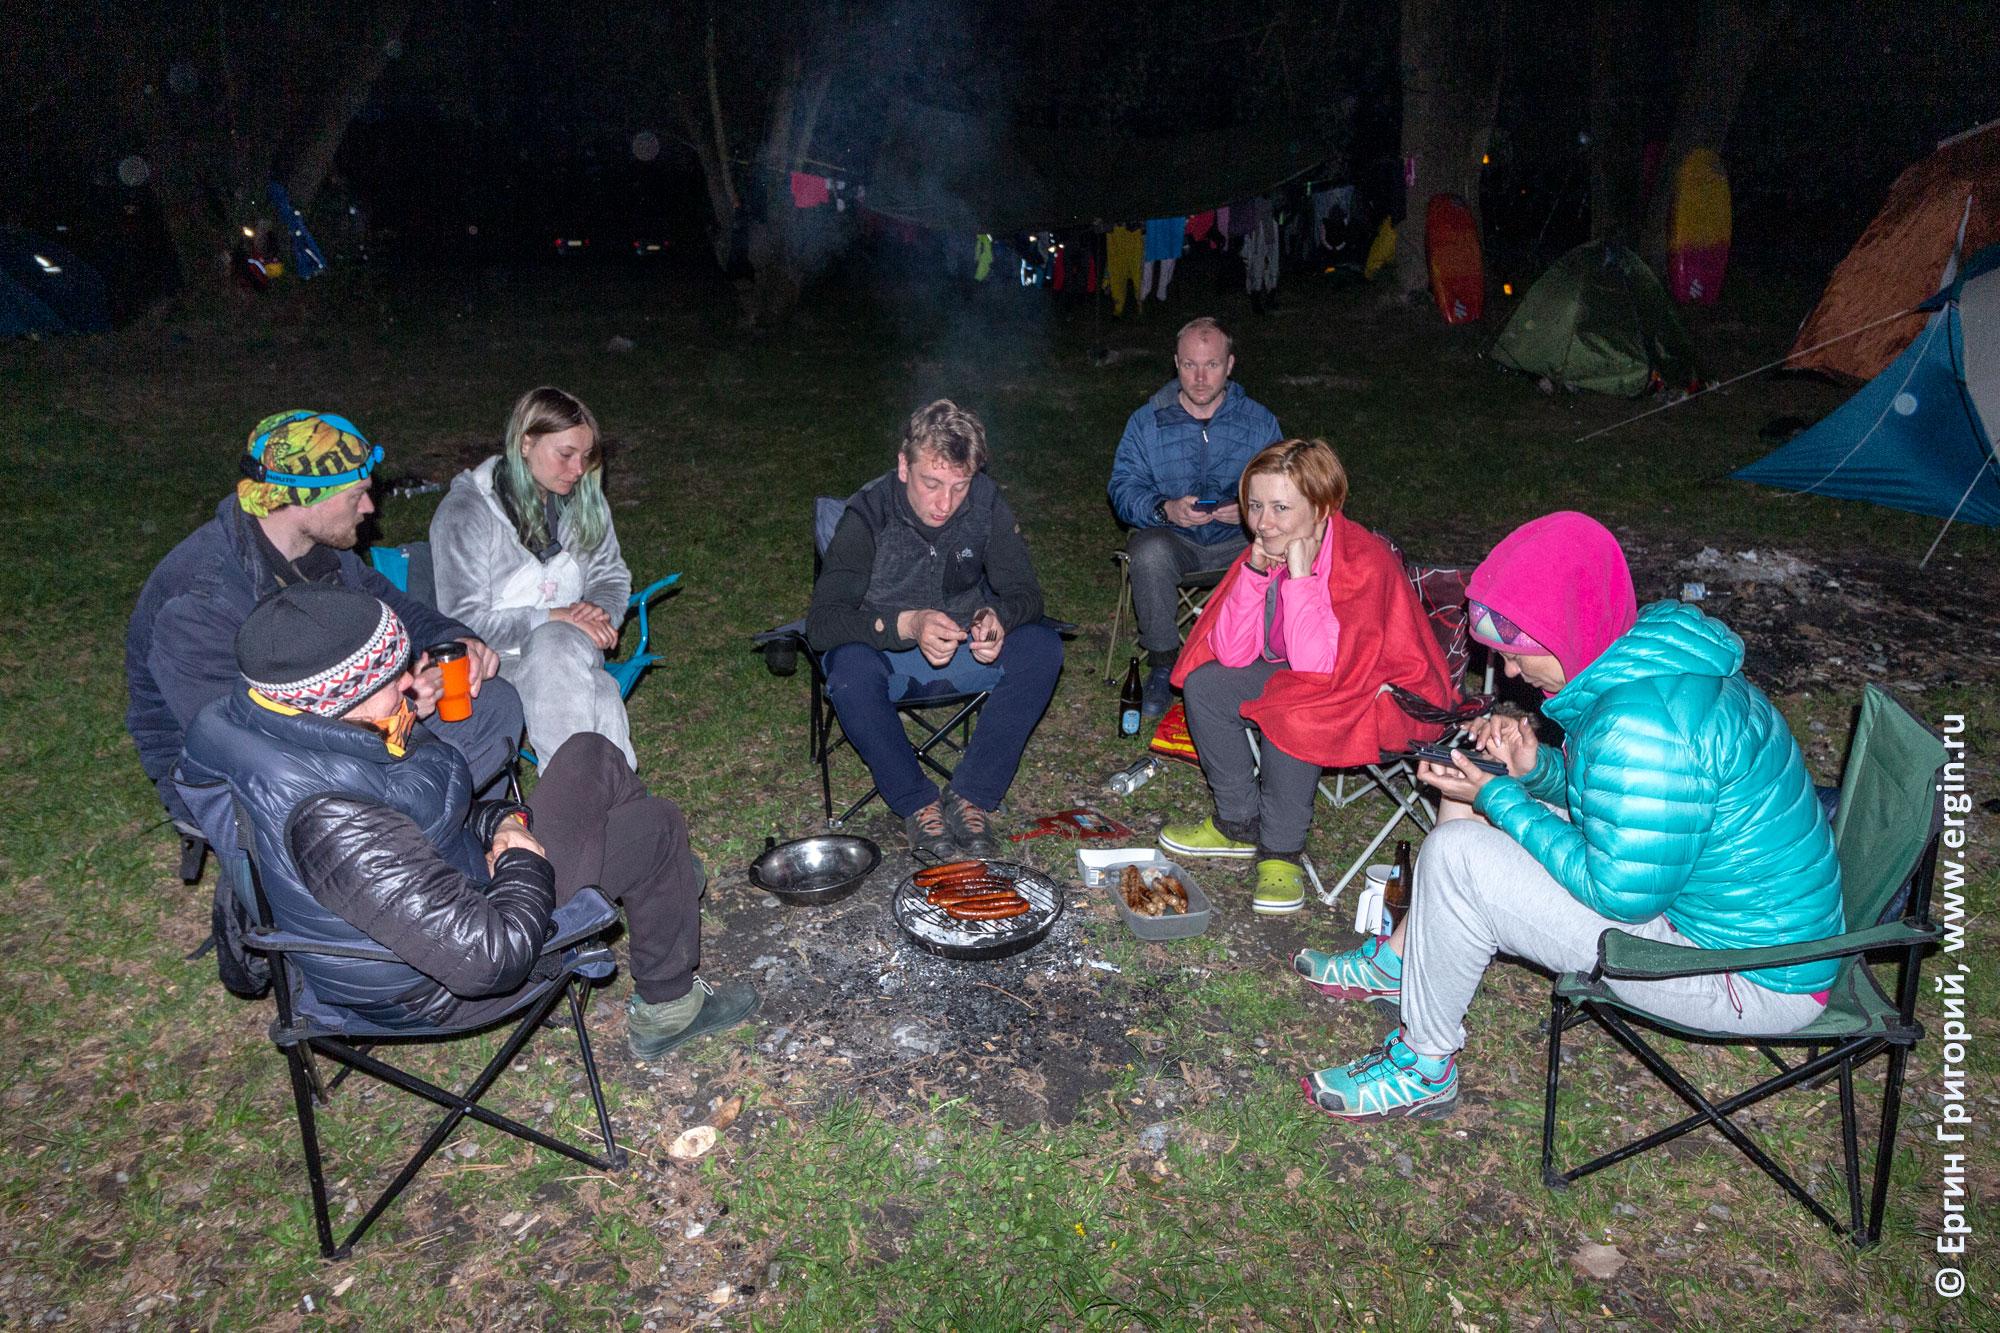 Вечер у мангала с сосисками на сборах по каякингу фристайлу на бурной воде